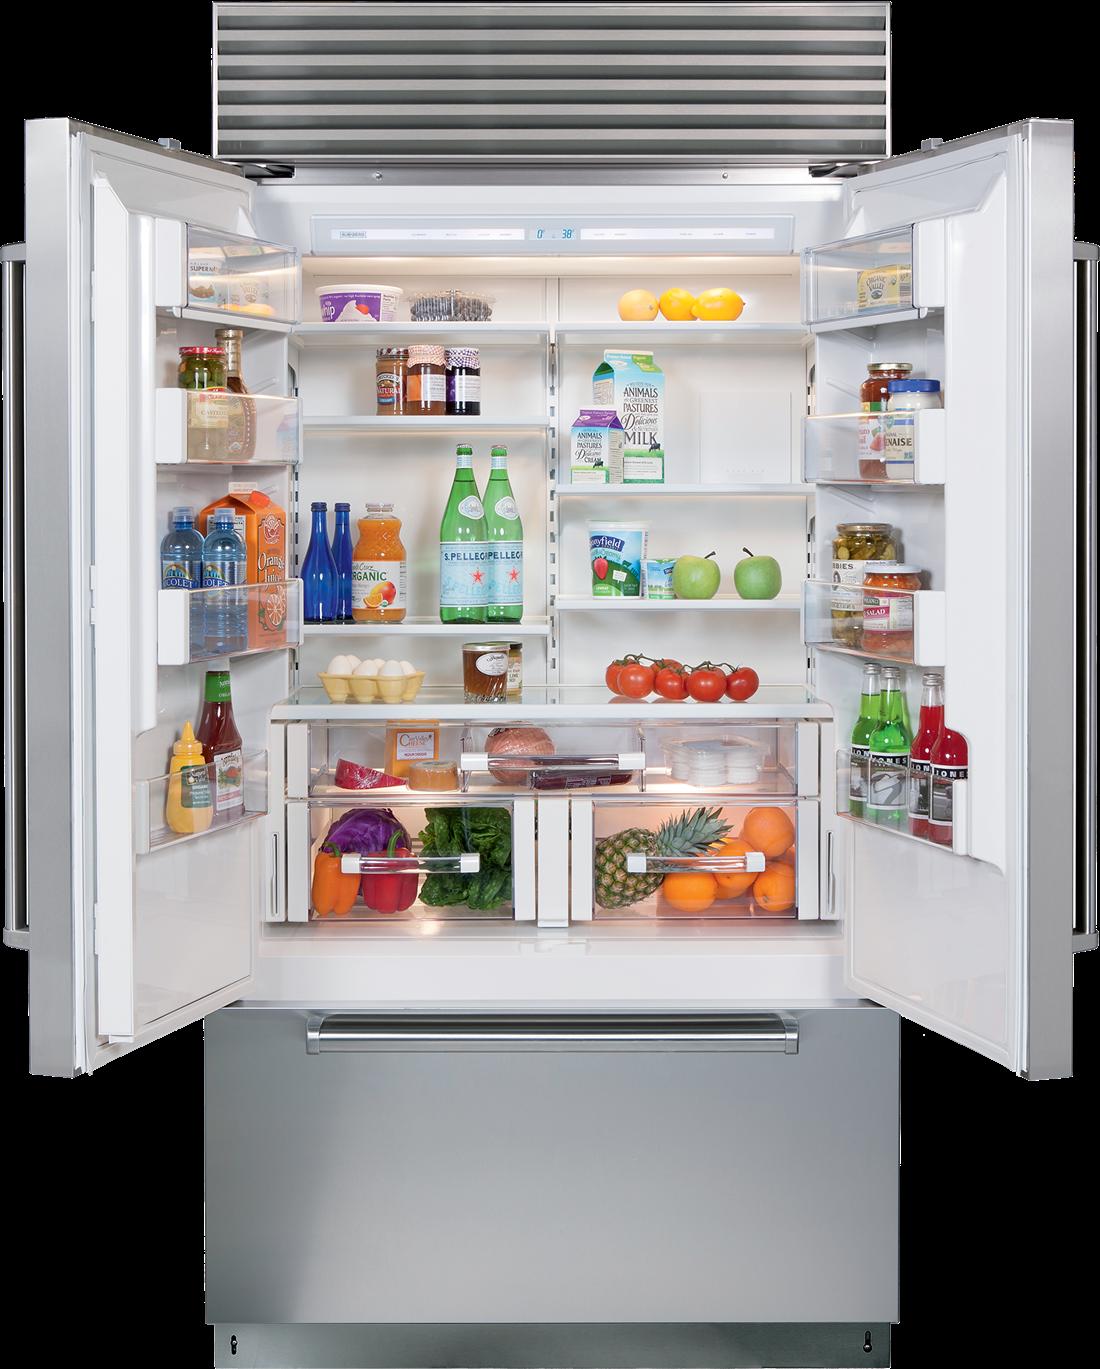 Sub Zero 42 Classic French Door Refrigerator Freezer Bi 42ufd S French Door Refrigerator Fridge French Door French Doors